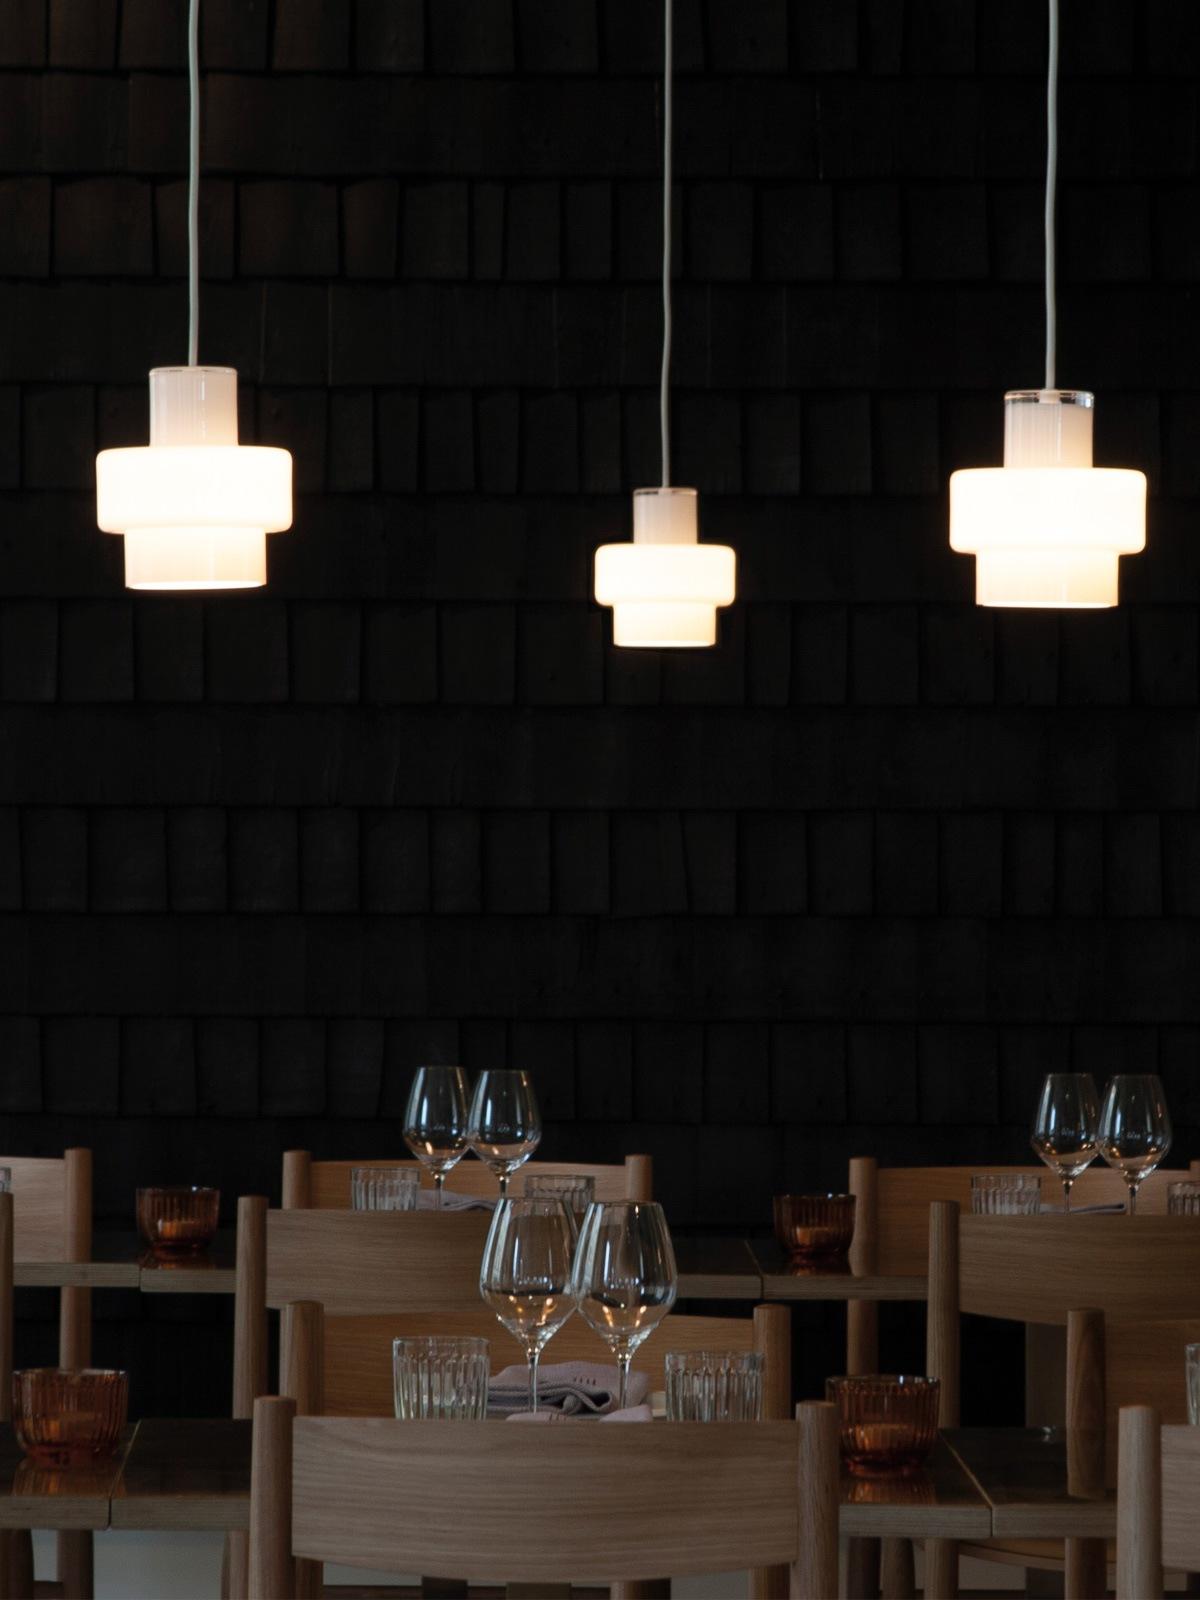 Innolux finnisch Leuchten Multi Glas Lampen DesignOrt Lampen online kaufen